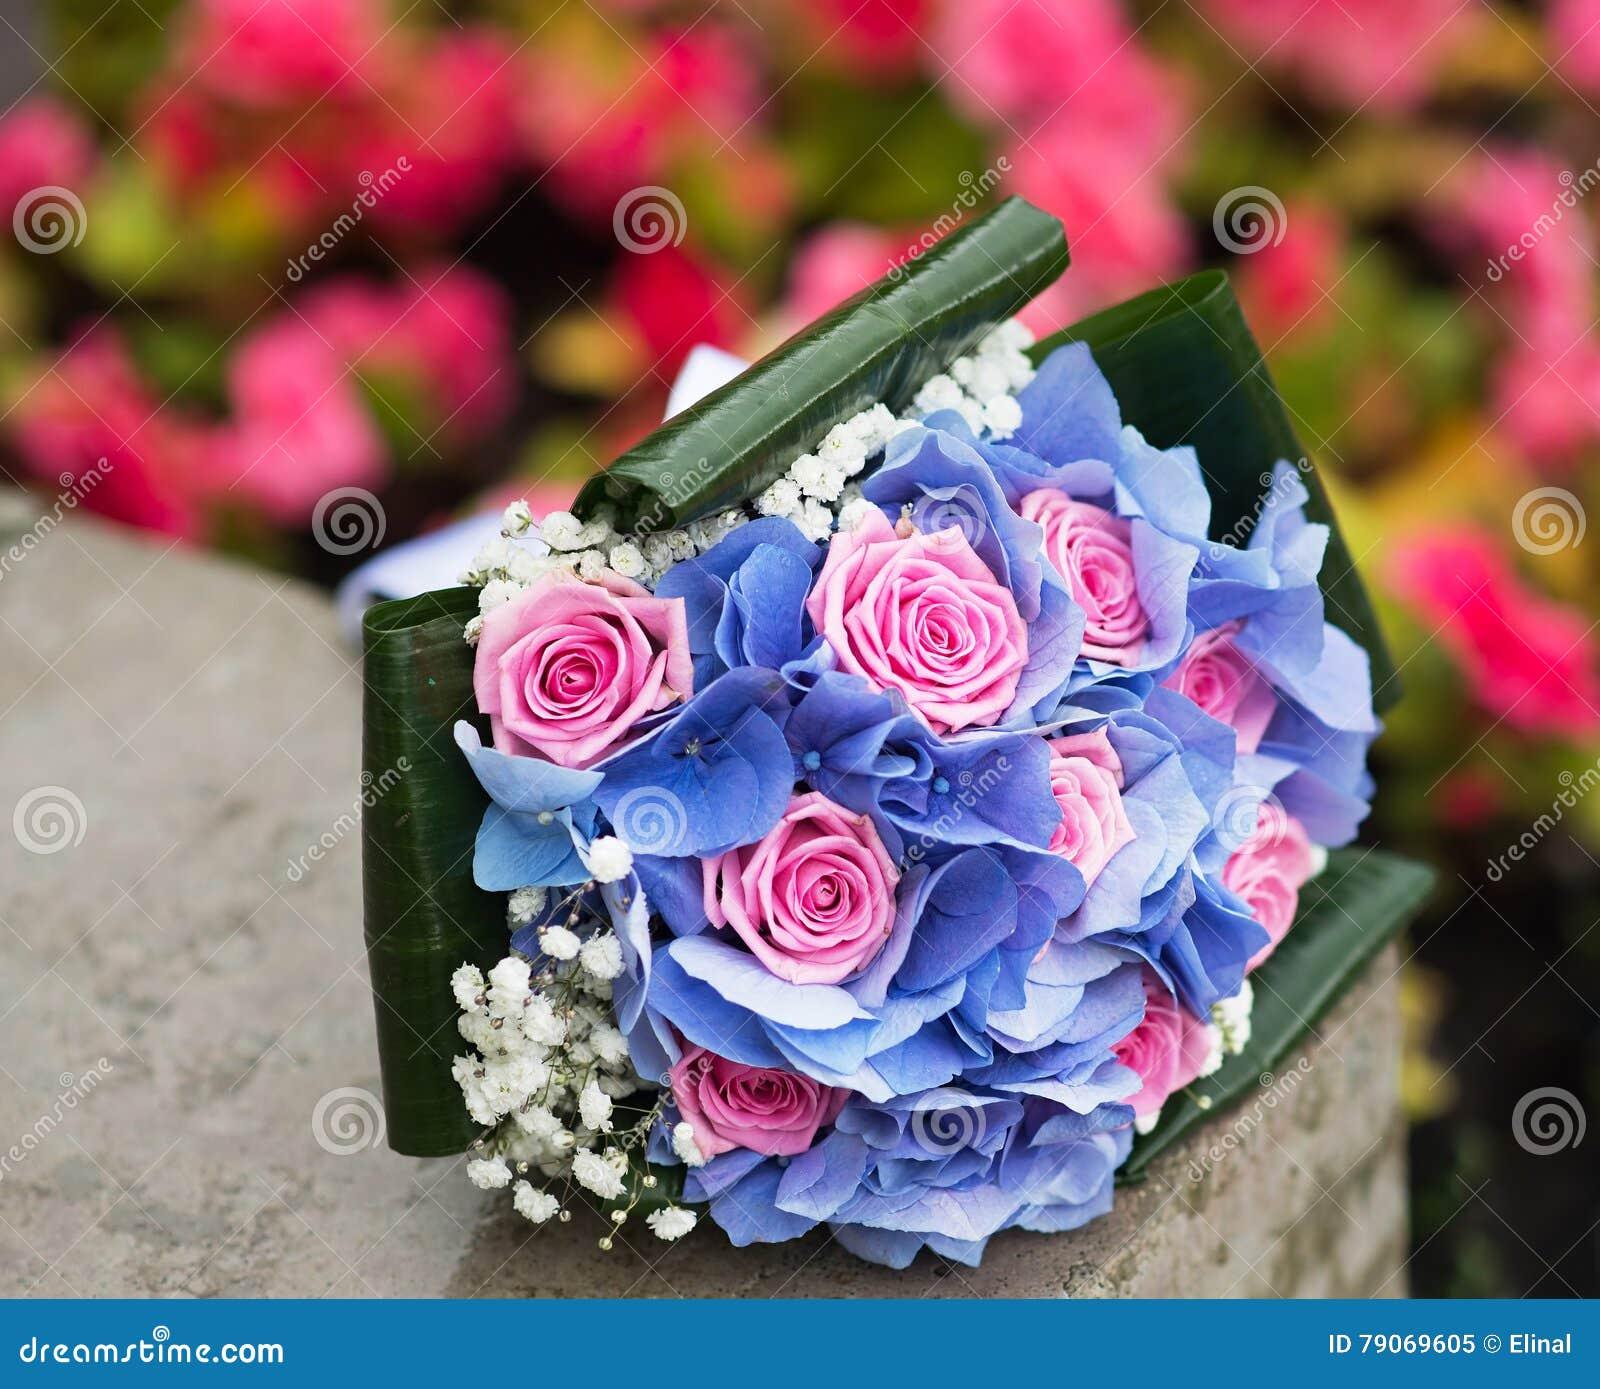 Свадебный букет только гортензия и розы, свадебные букеты из зеленых желтых цветов